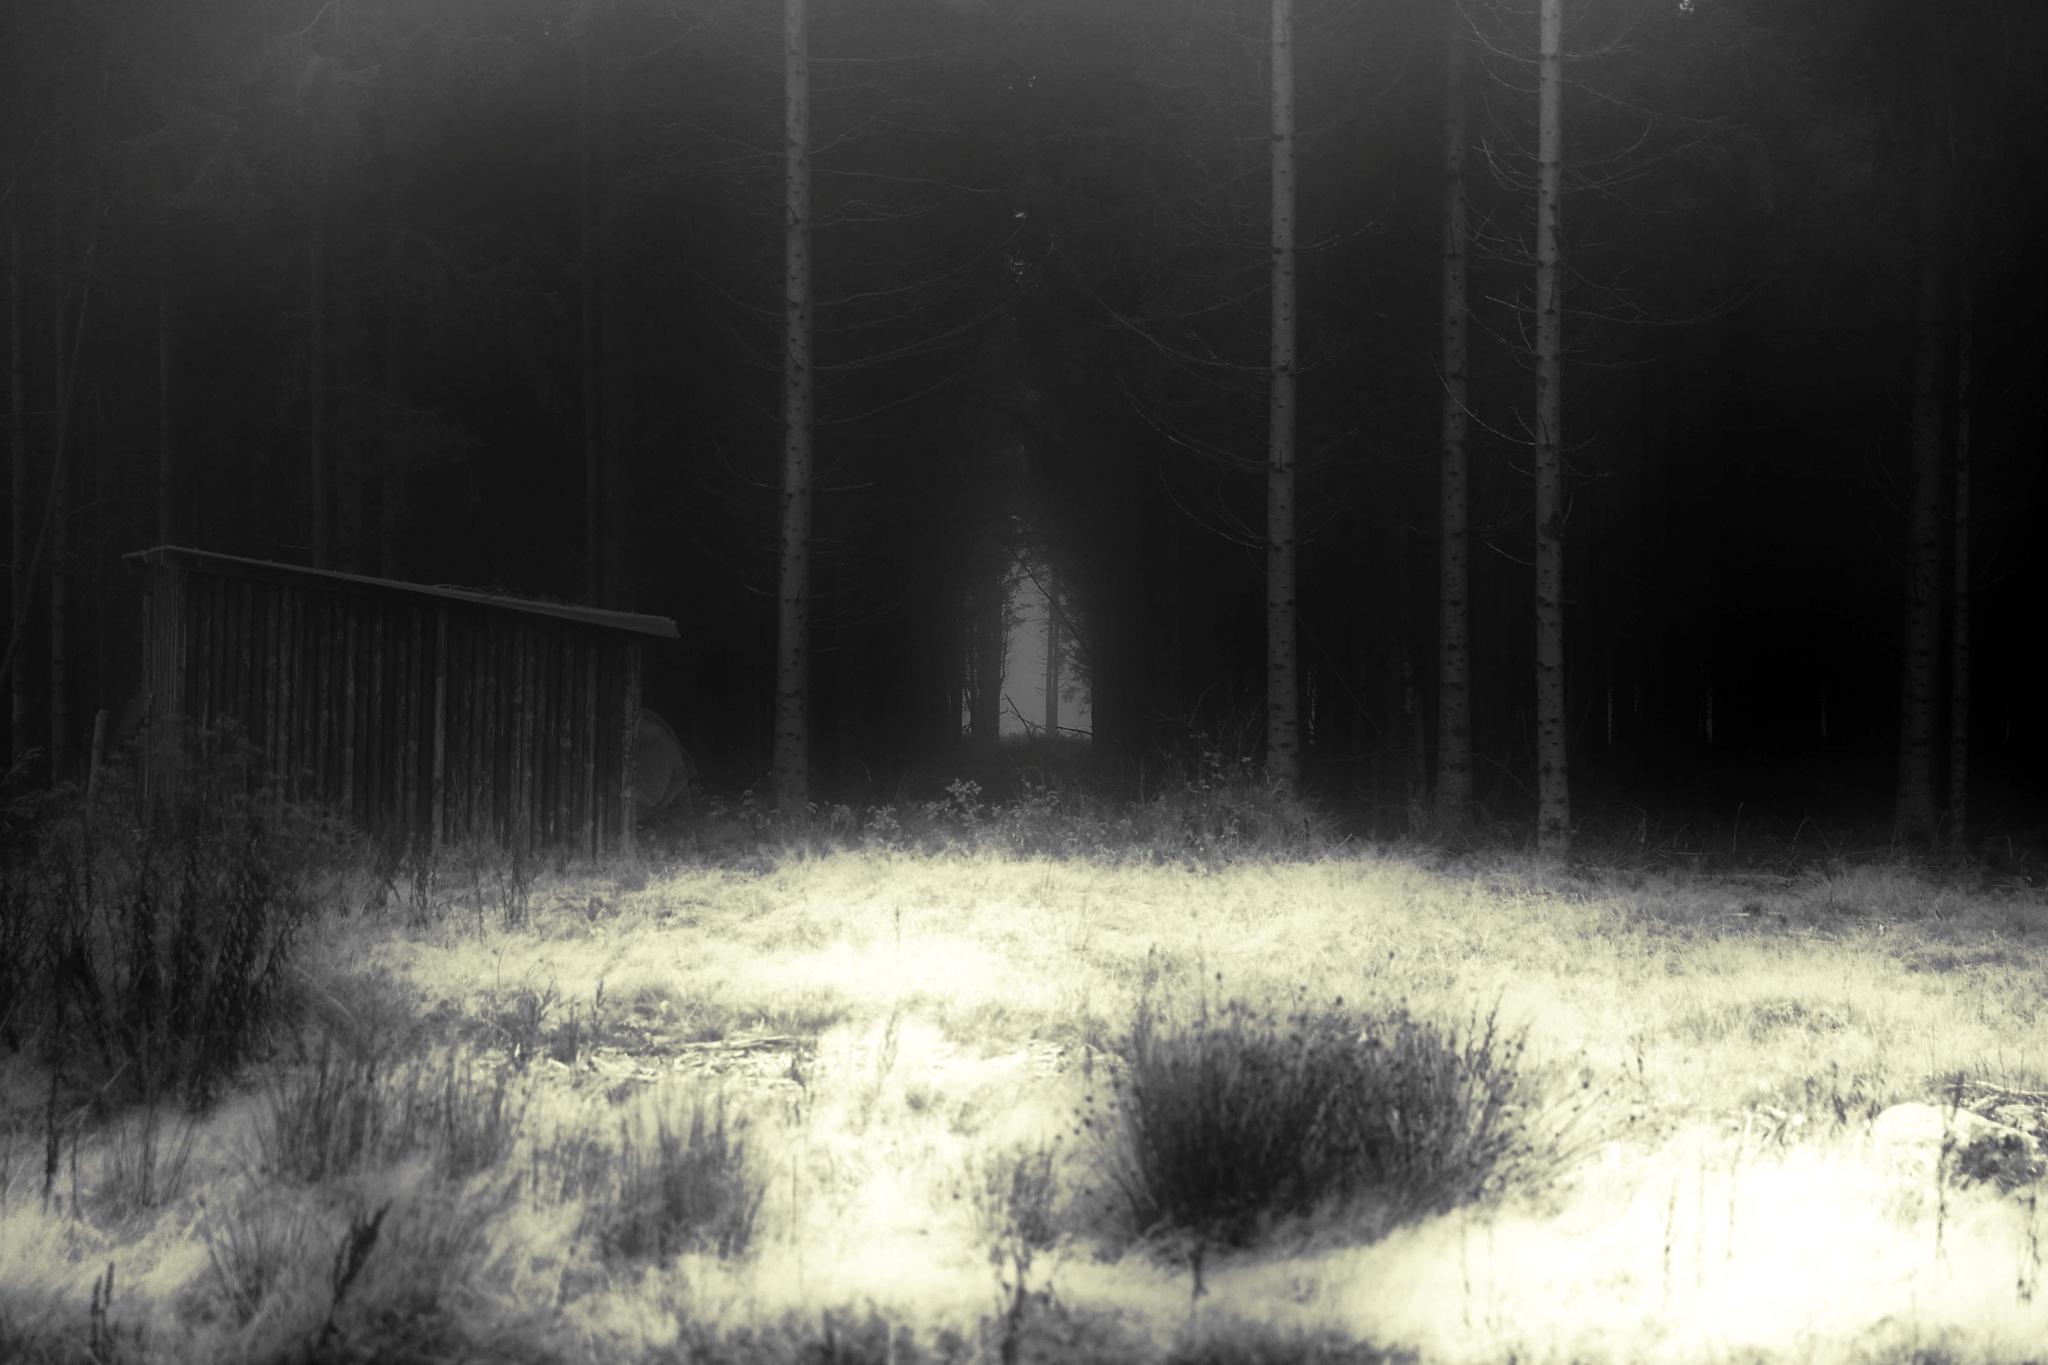 fog by Jürgen Cordt